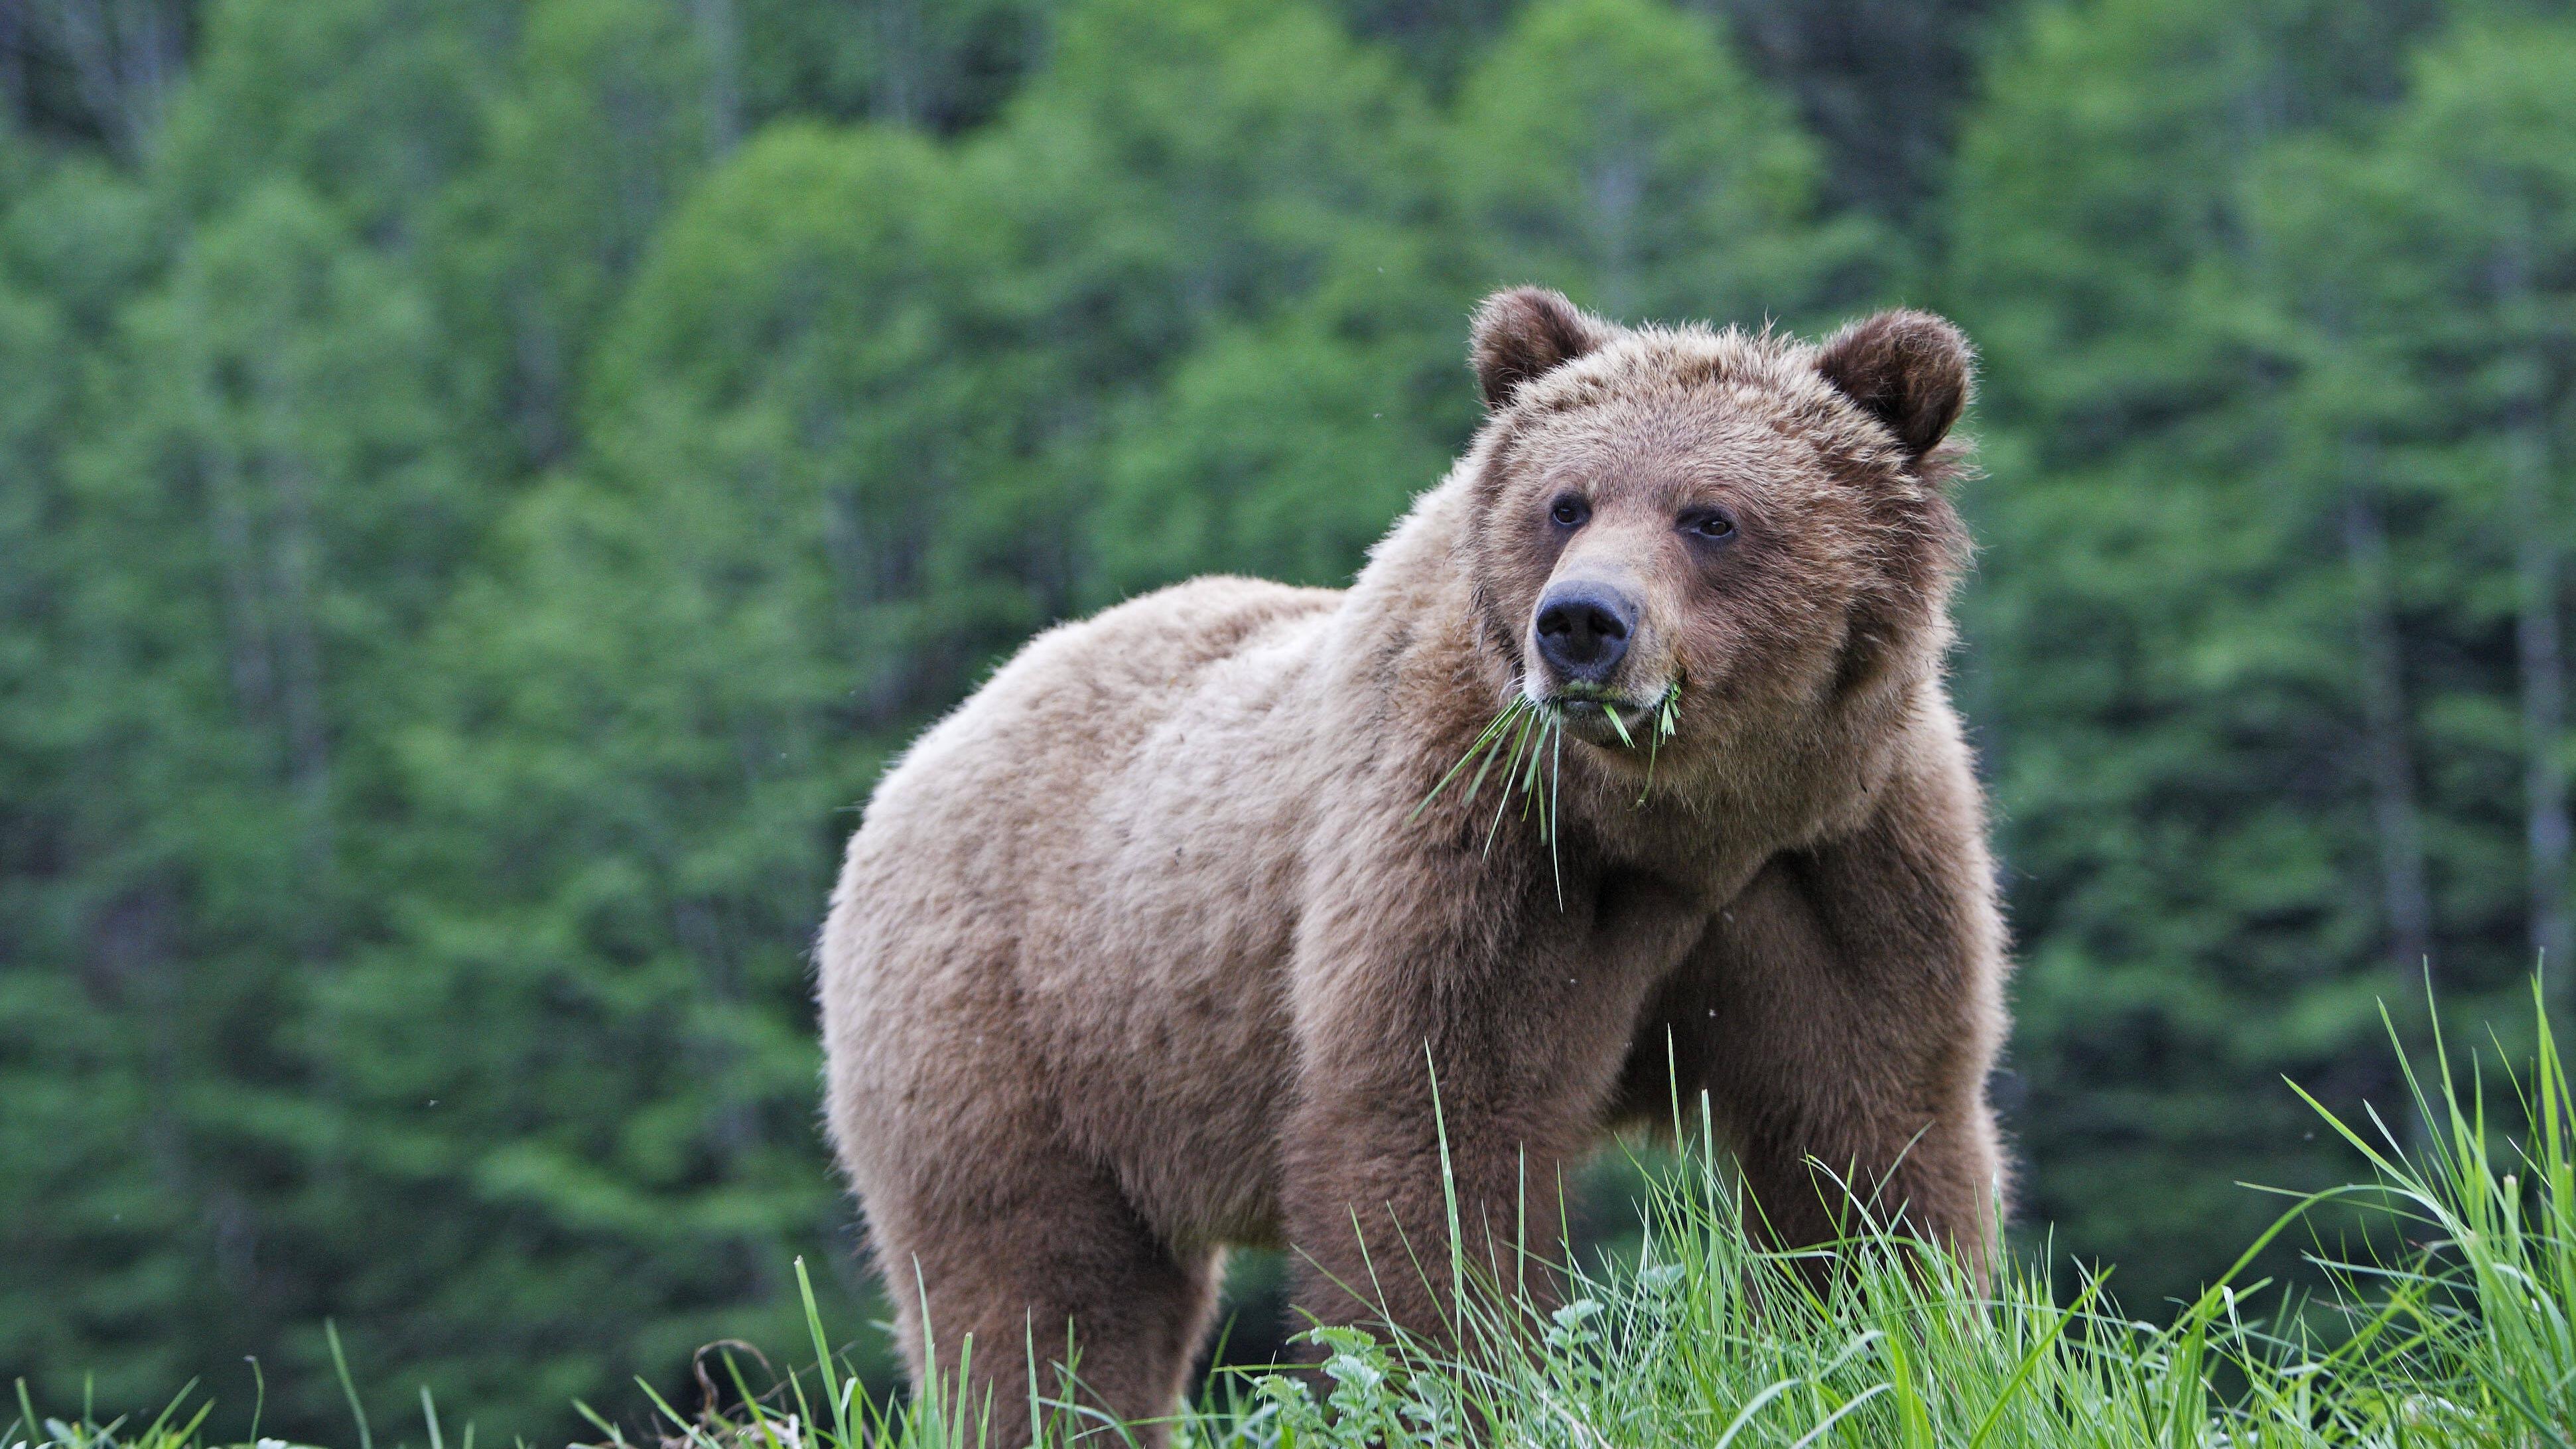 Die richtige Reaktion auf ein Bär in der Wildnis